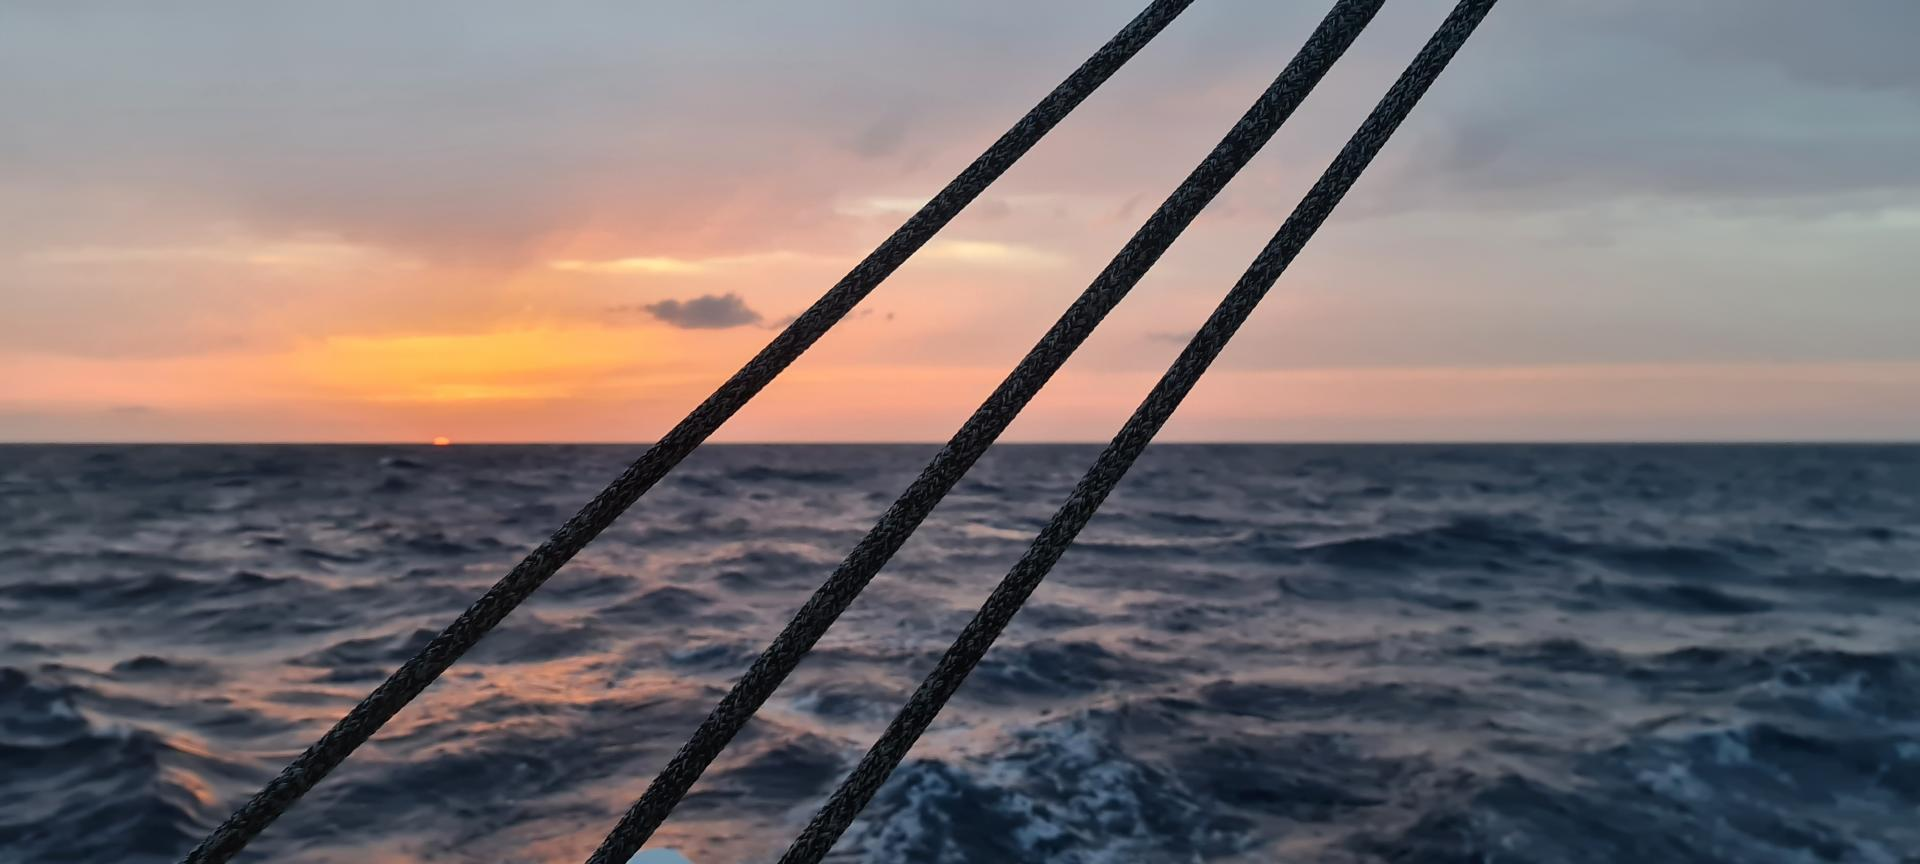 Sunset on mediterranean sea